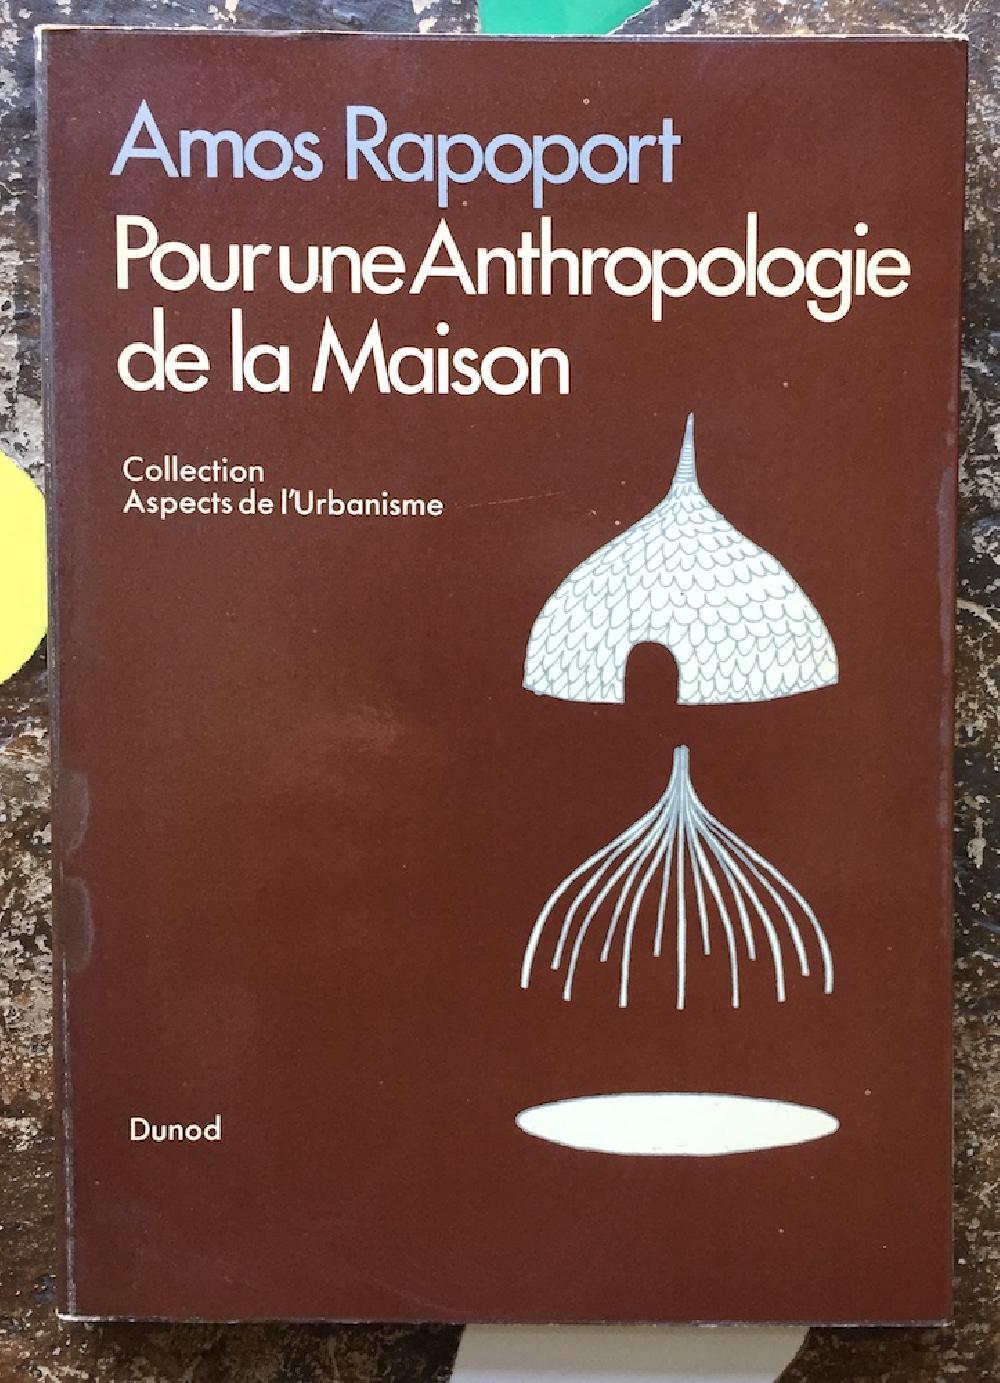 Pour une anthropologie de la maison